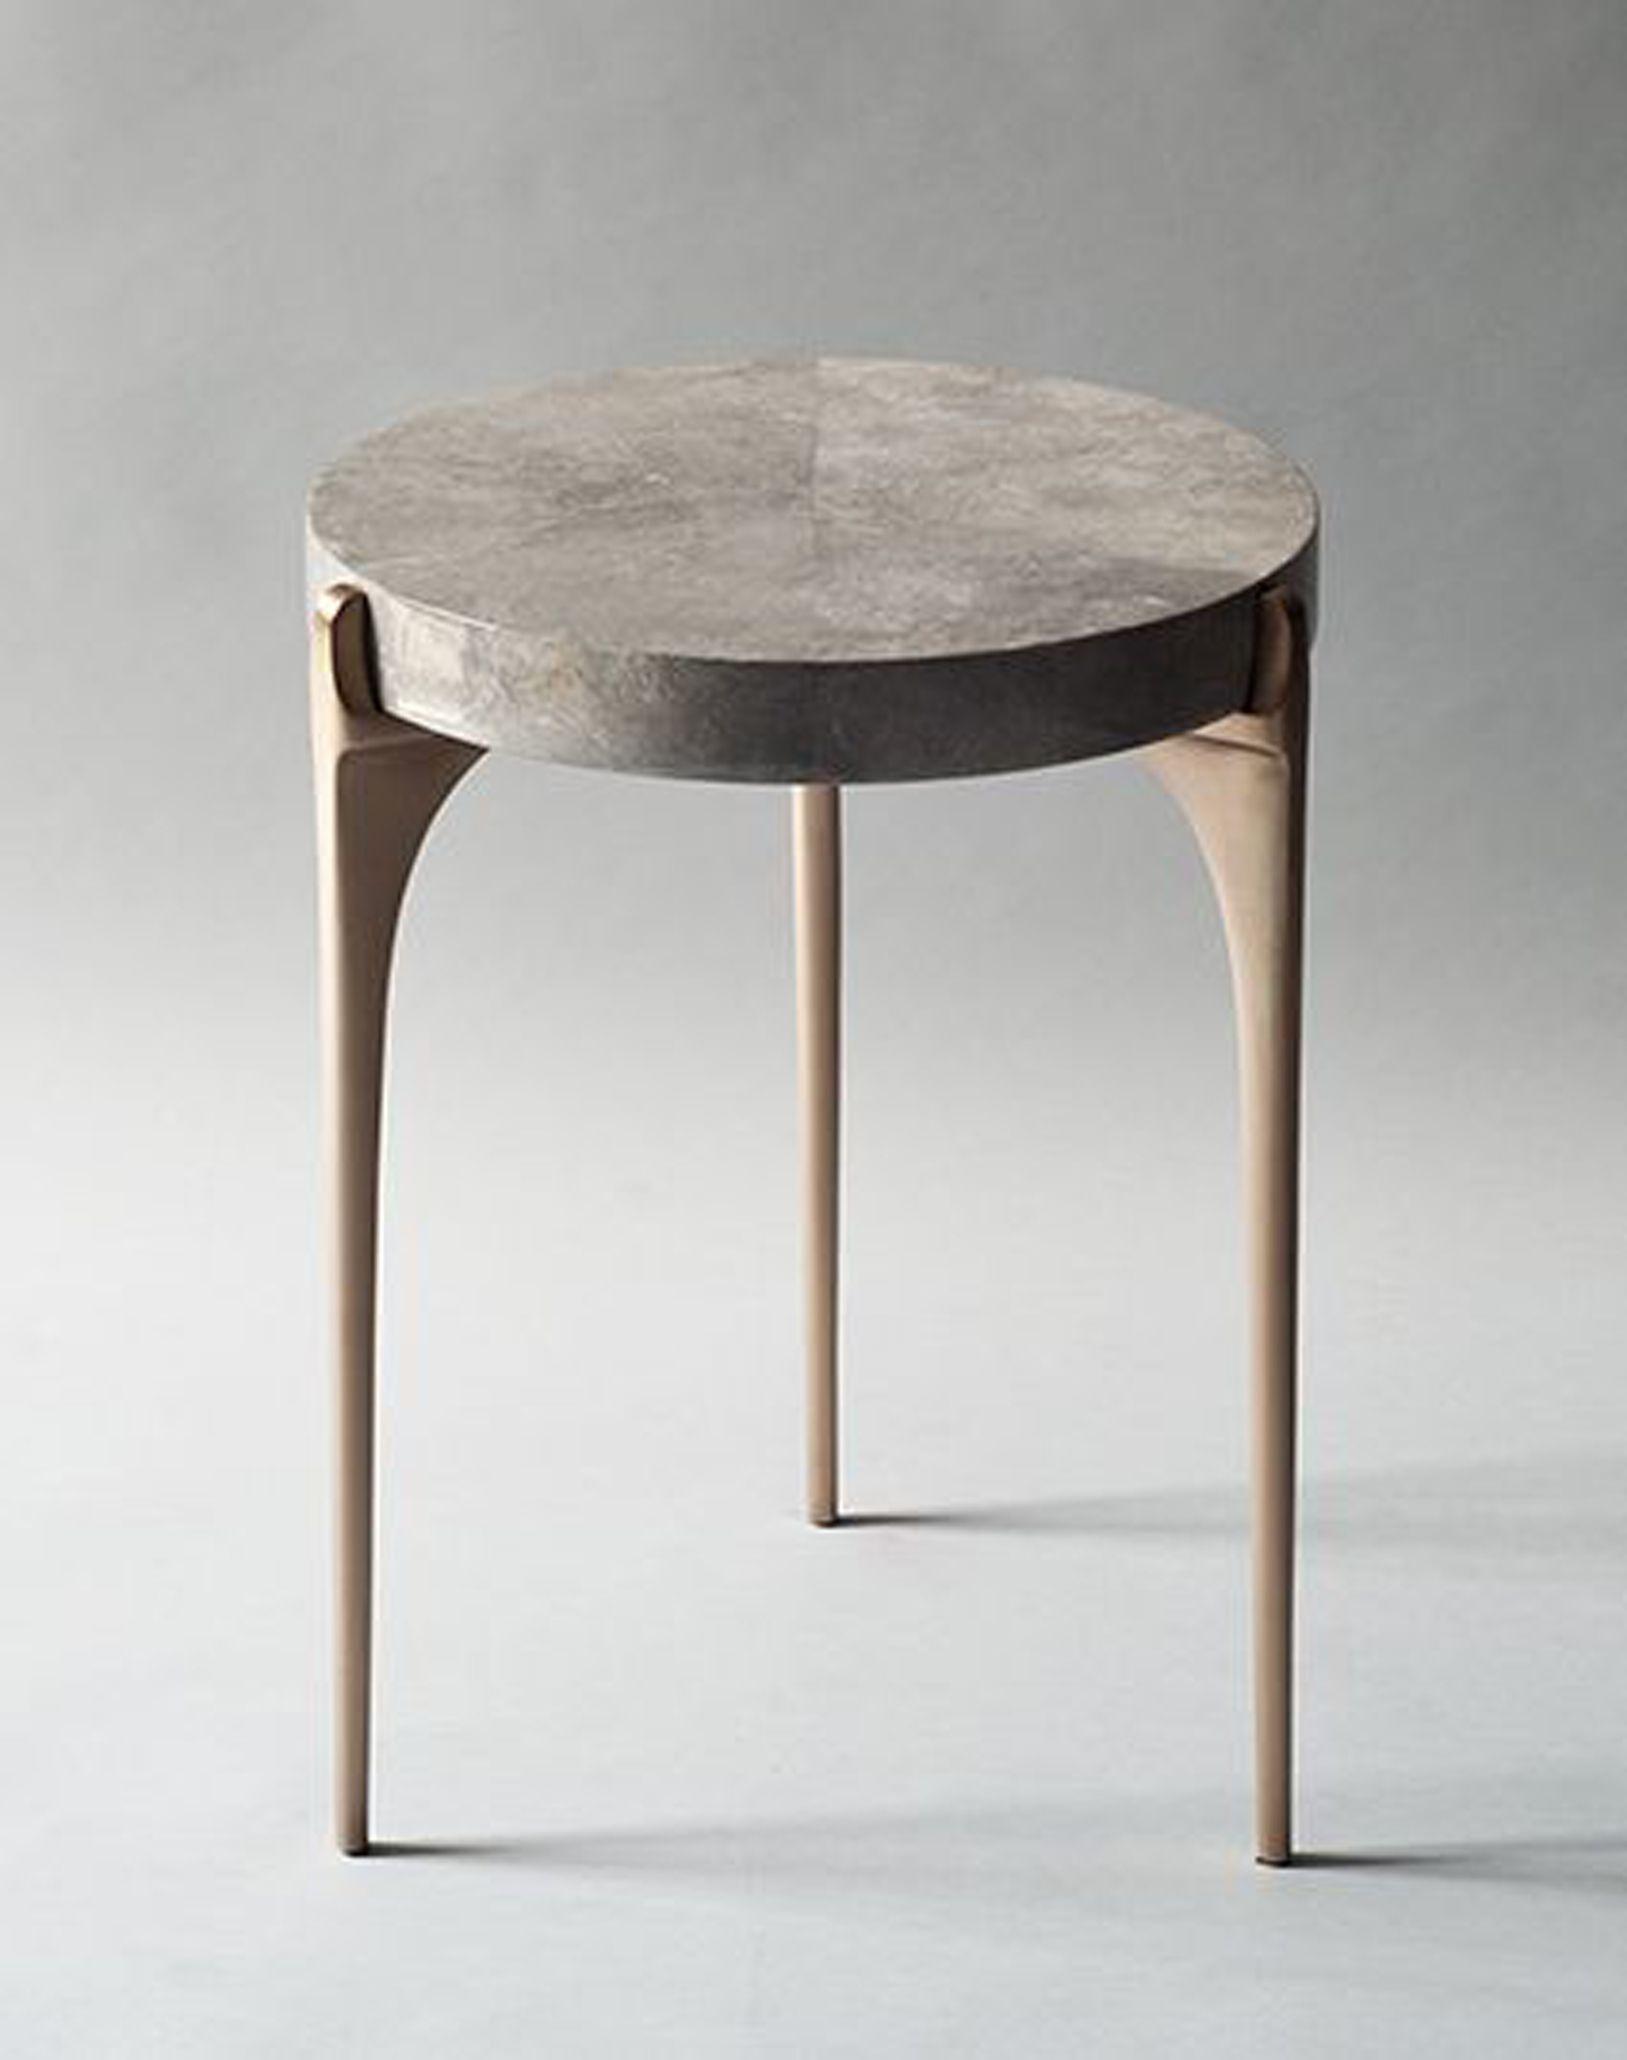 Pin By Karmen Rozsa Design Social M On Side Tables Furniture Side Tables Table Furniture Side Table [ 2060 x 1627 Pixel ]